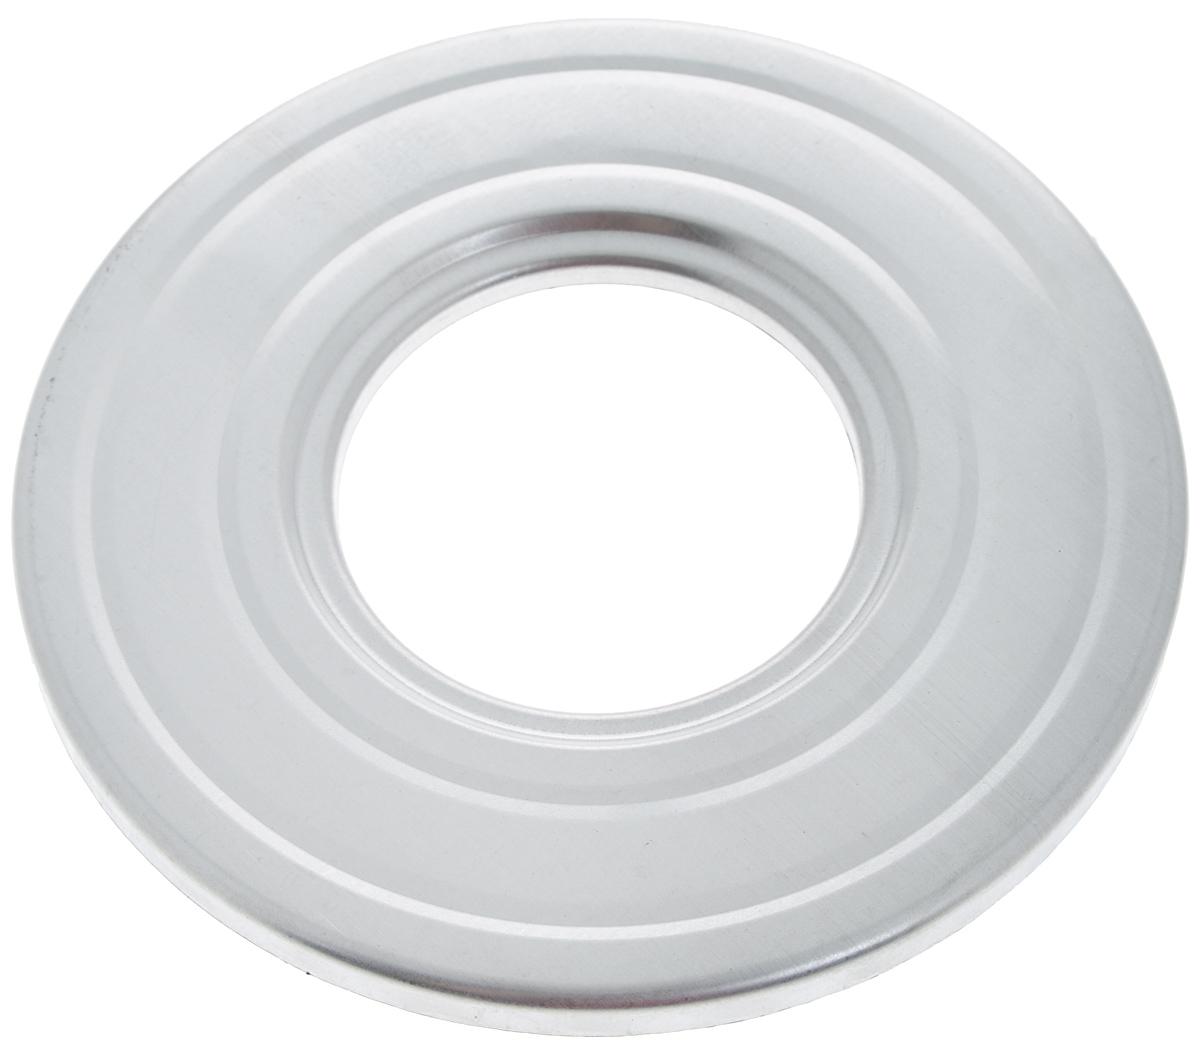 Приспособление 3М, для стерилизации банки4612750750089Приспособление 3М, изготовленное из алюминия, предназначено для быстрой и эффективной стерилизации банок. Спелые помидоры, сочные огурцы и перцы или сладкий джем и ароматное варенье - лучшие источники витаминов в холодное время года! Диаметр отверстия для банки: 8,5 см.